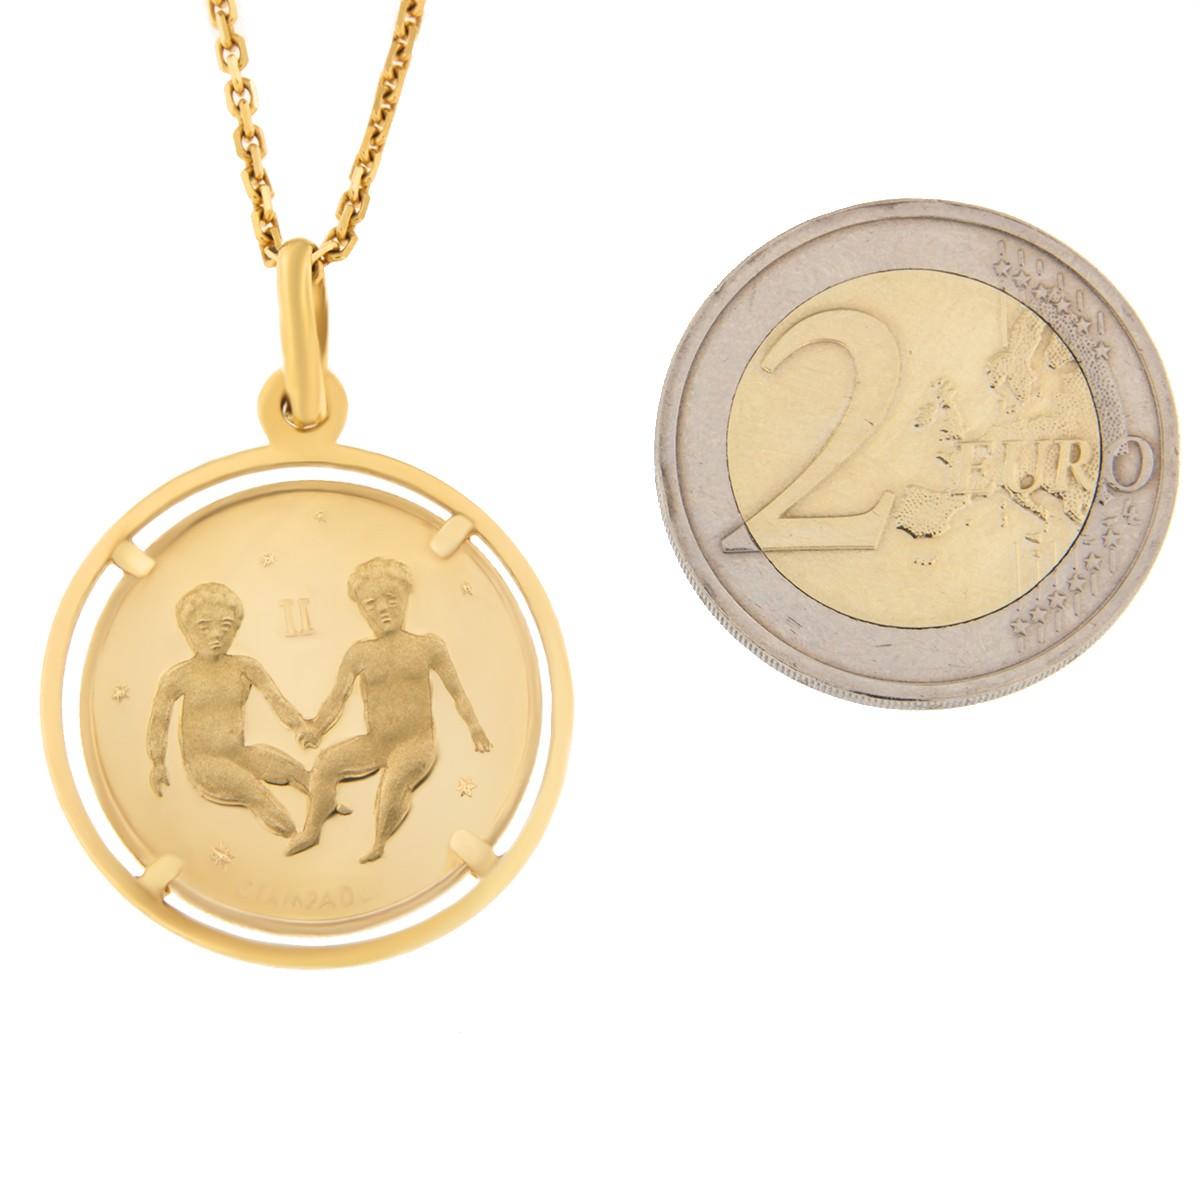 Kullast ripats, sodiaagimärk Kood: 238ce-kaksikud